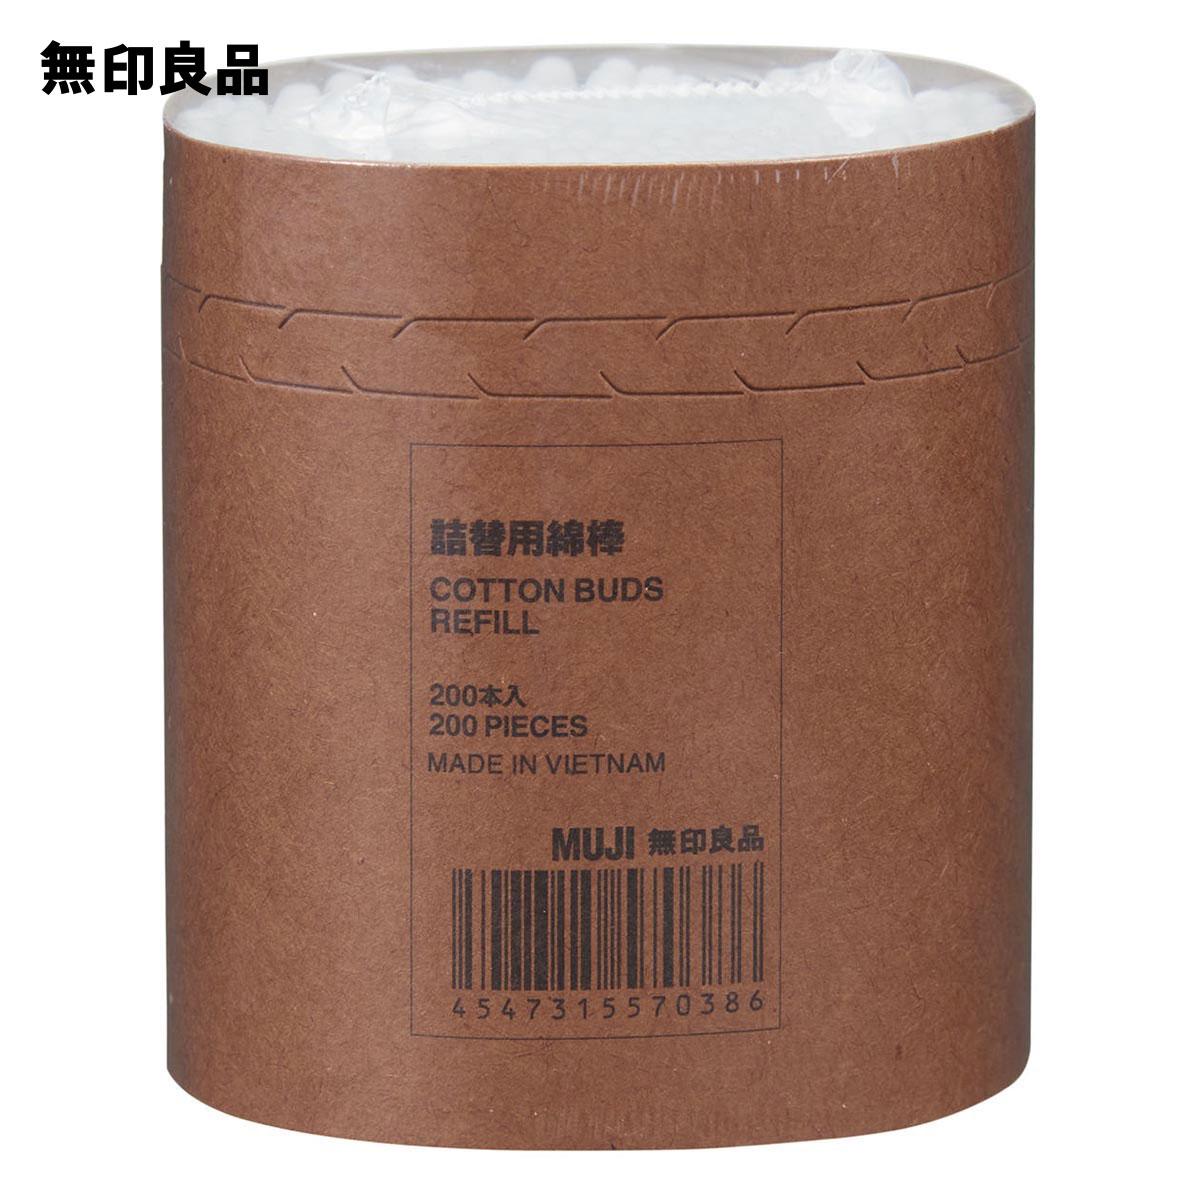 お洒落 無印良品 公式 激安☆超特価 綿棒200本入 詰替用